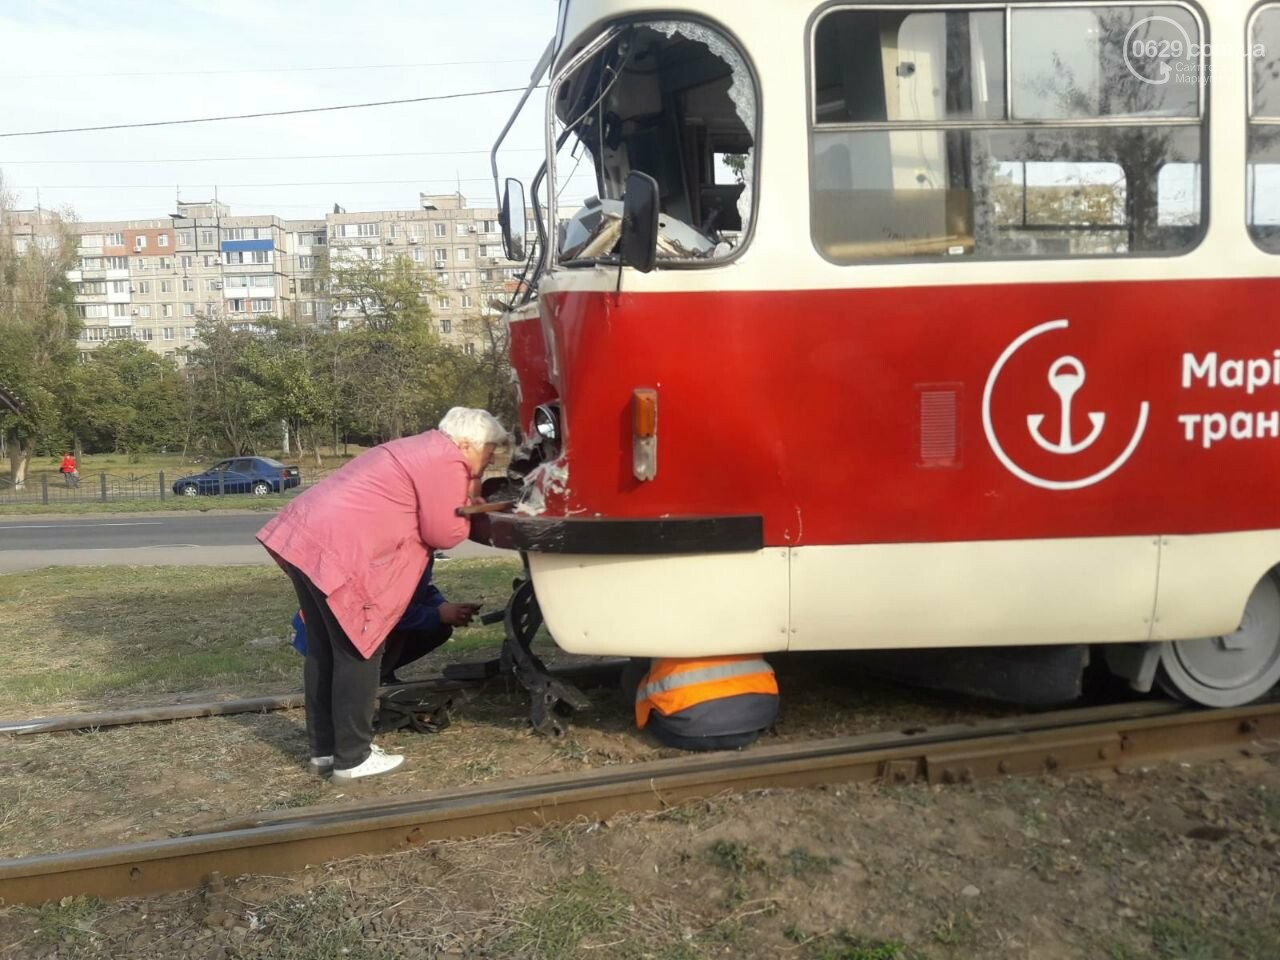 В Мариуполе трамвай на полном ходу потерял управление и врезался, - ФОТО, фото-4